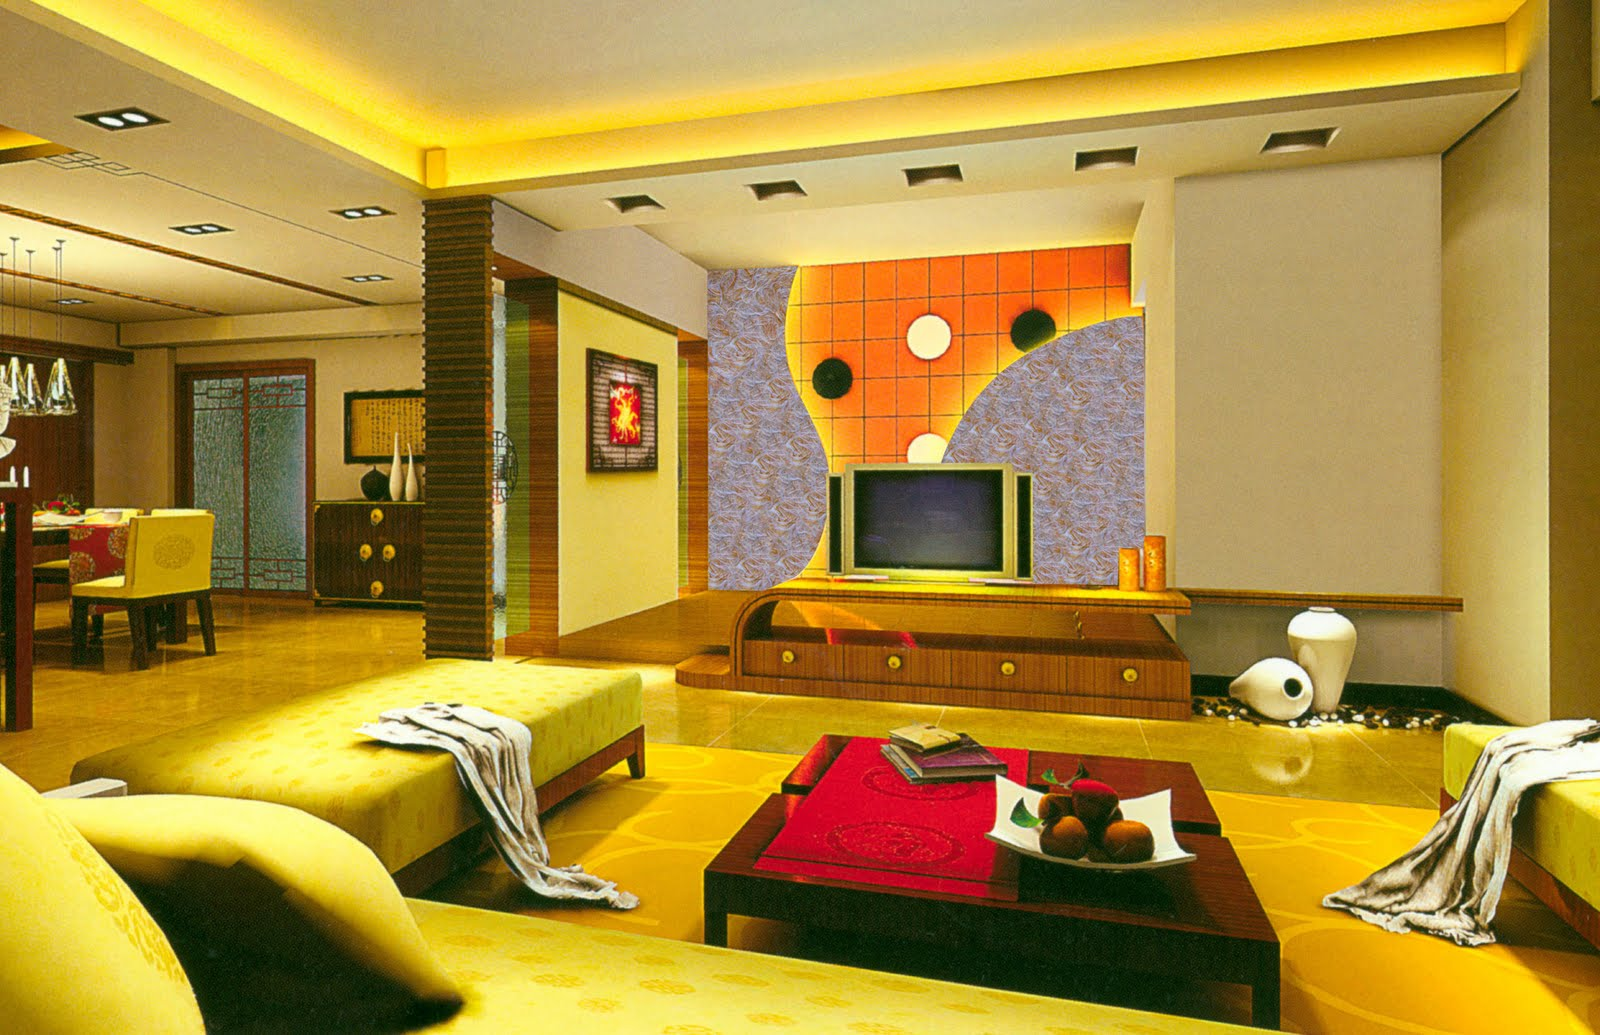 http://1.bp.blogspot.com/-Y12RaLEpUK8/TbejO6x8iYI/AAAAAAAAAAY/mUcbCH13uMM/s1600/Living+room.jpg